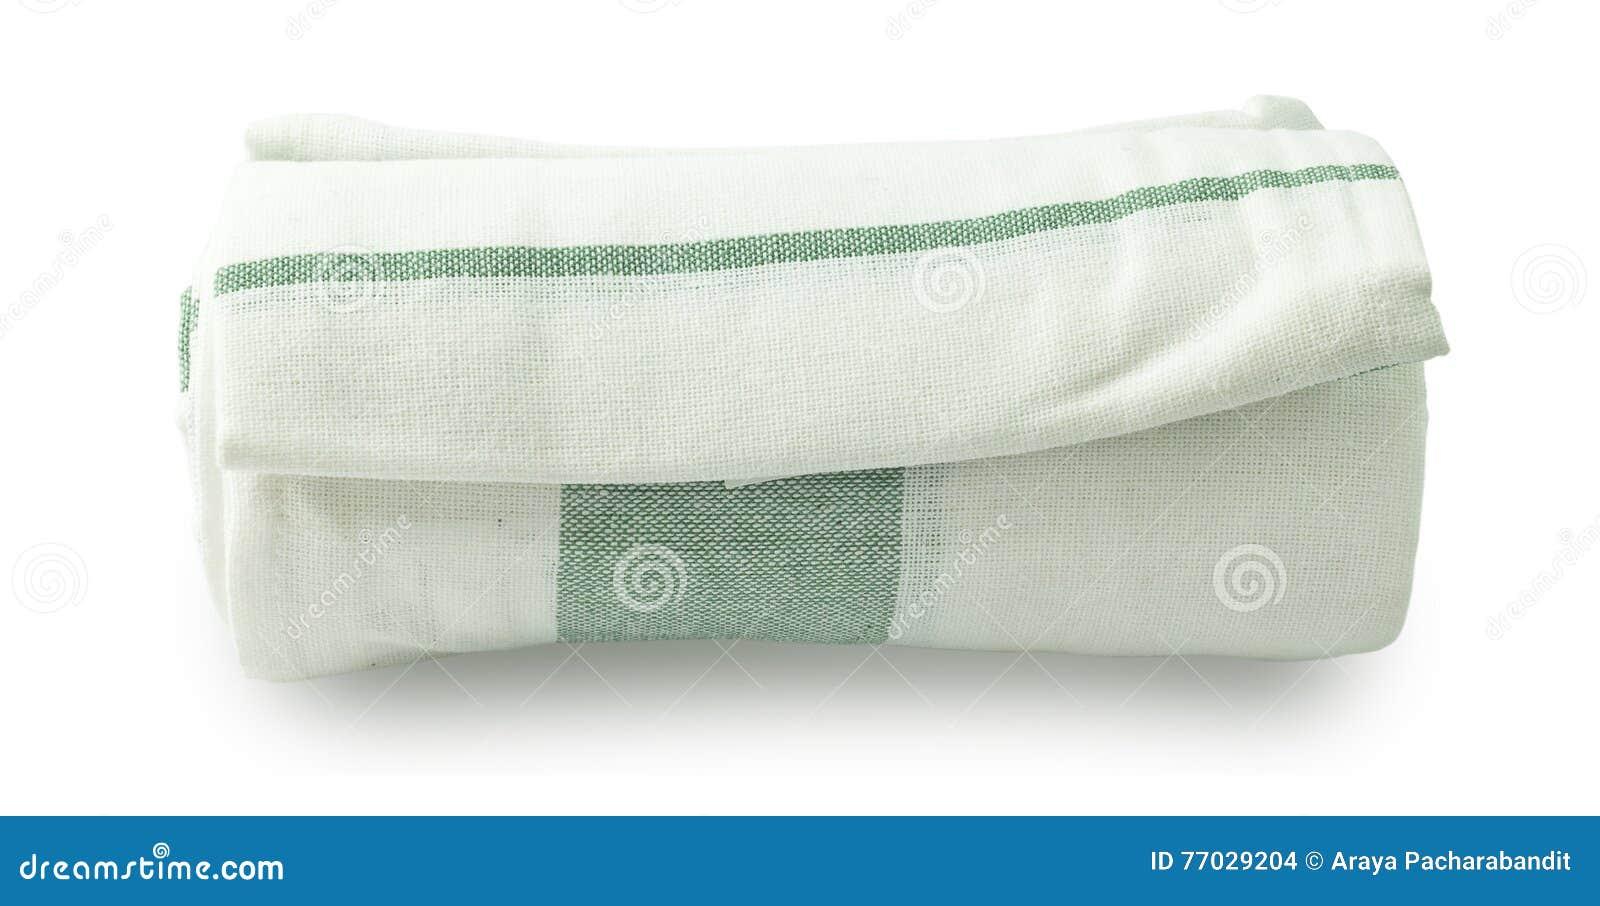 serviette de cuisine blanche et verte sur le fond blanc photo stock image 77029204. Black Bedroom Furniture Sets. Home Design Ideas